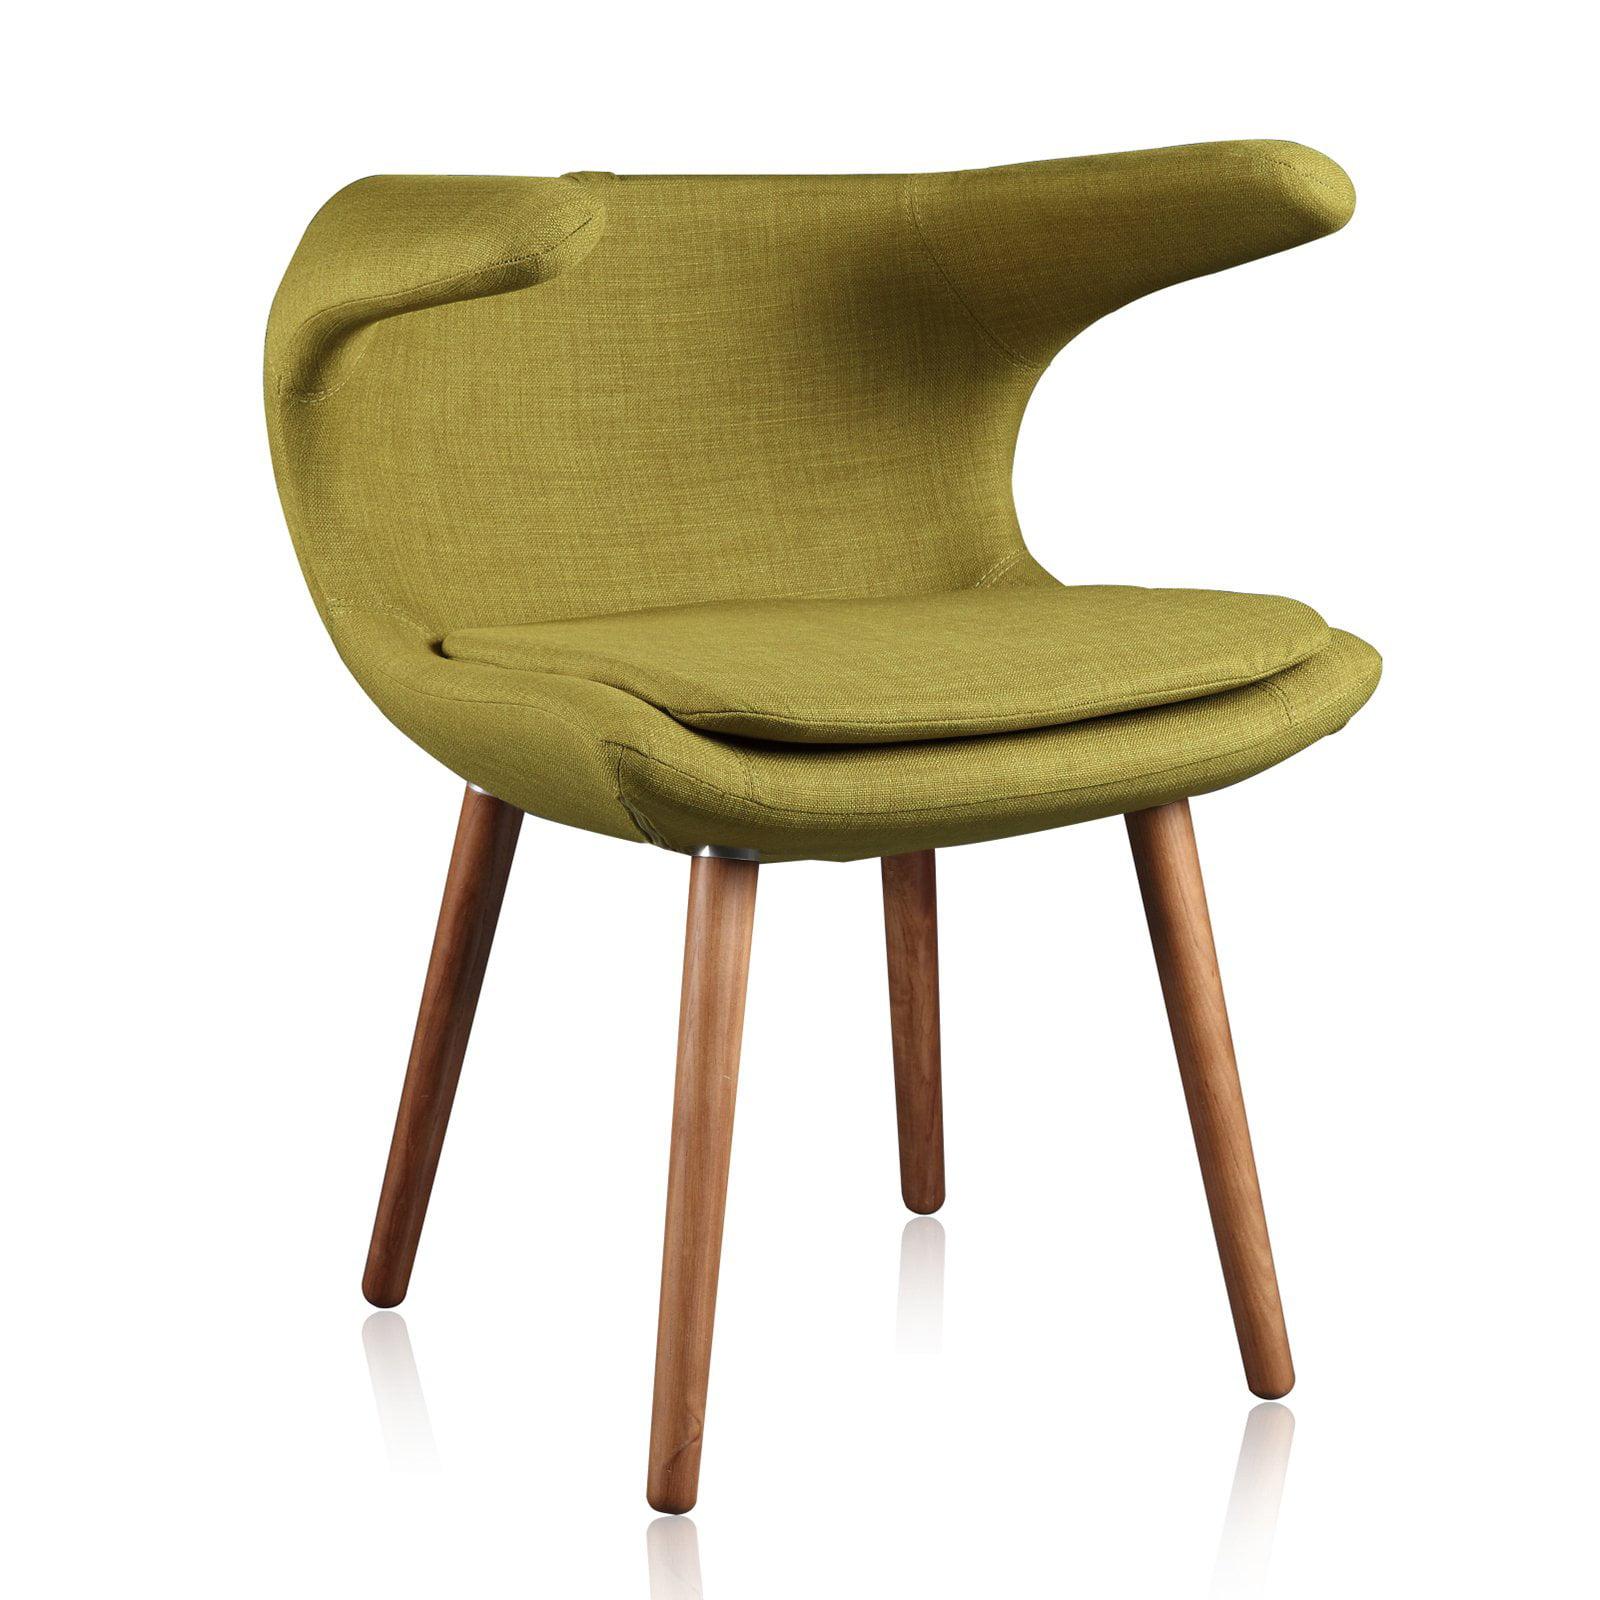 Ceets Arc Leisure Chair